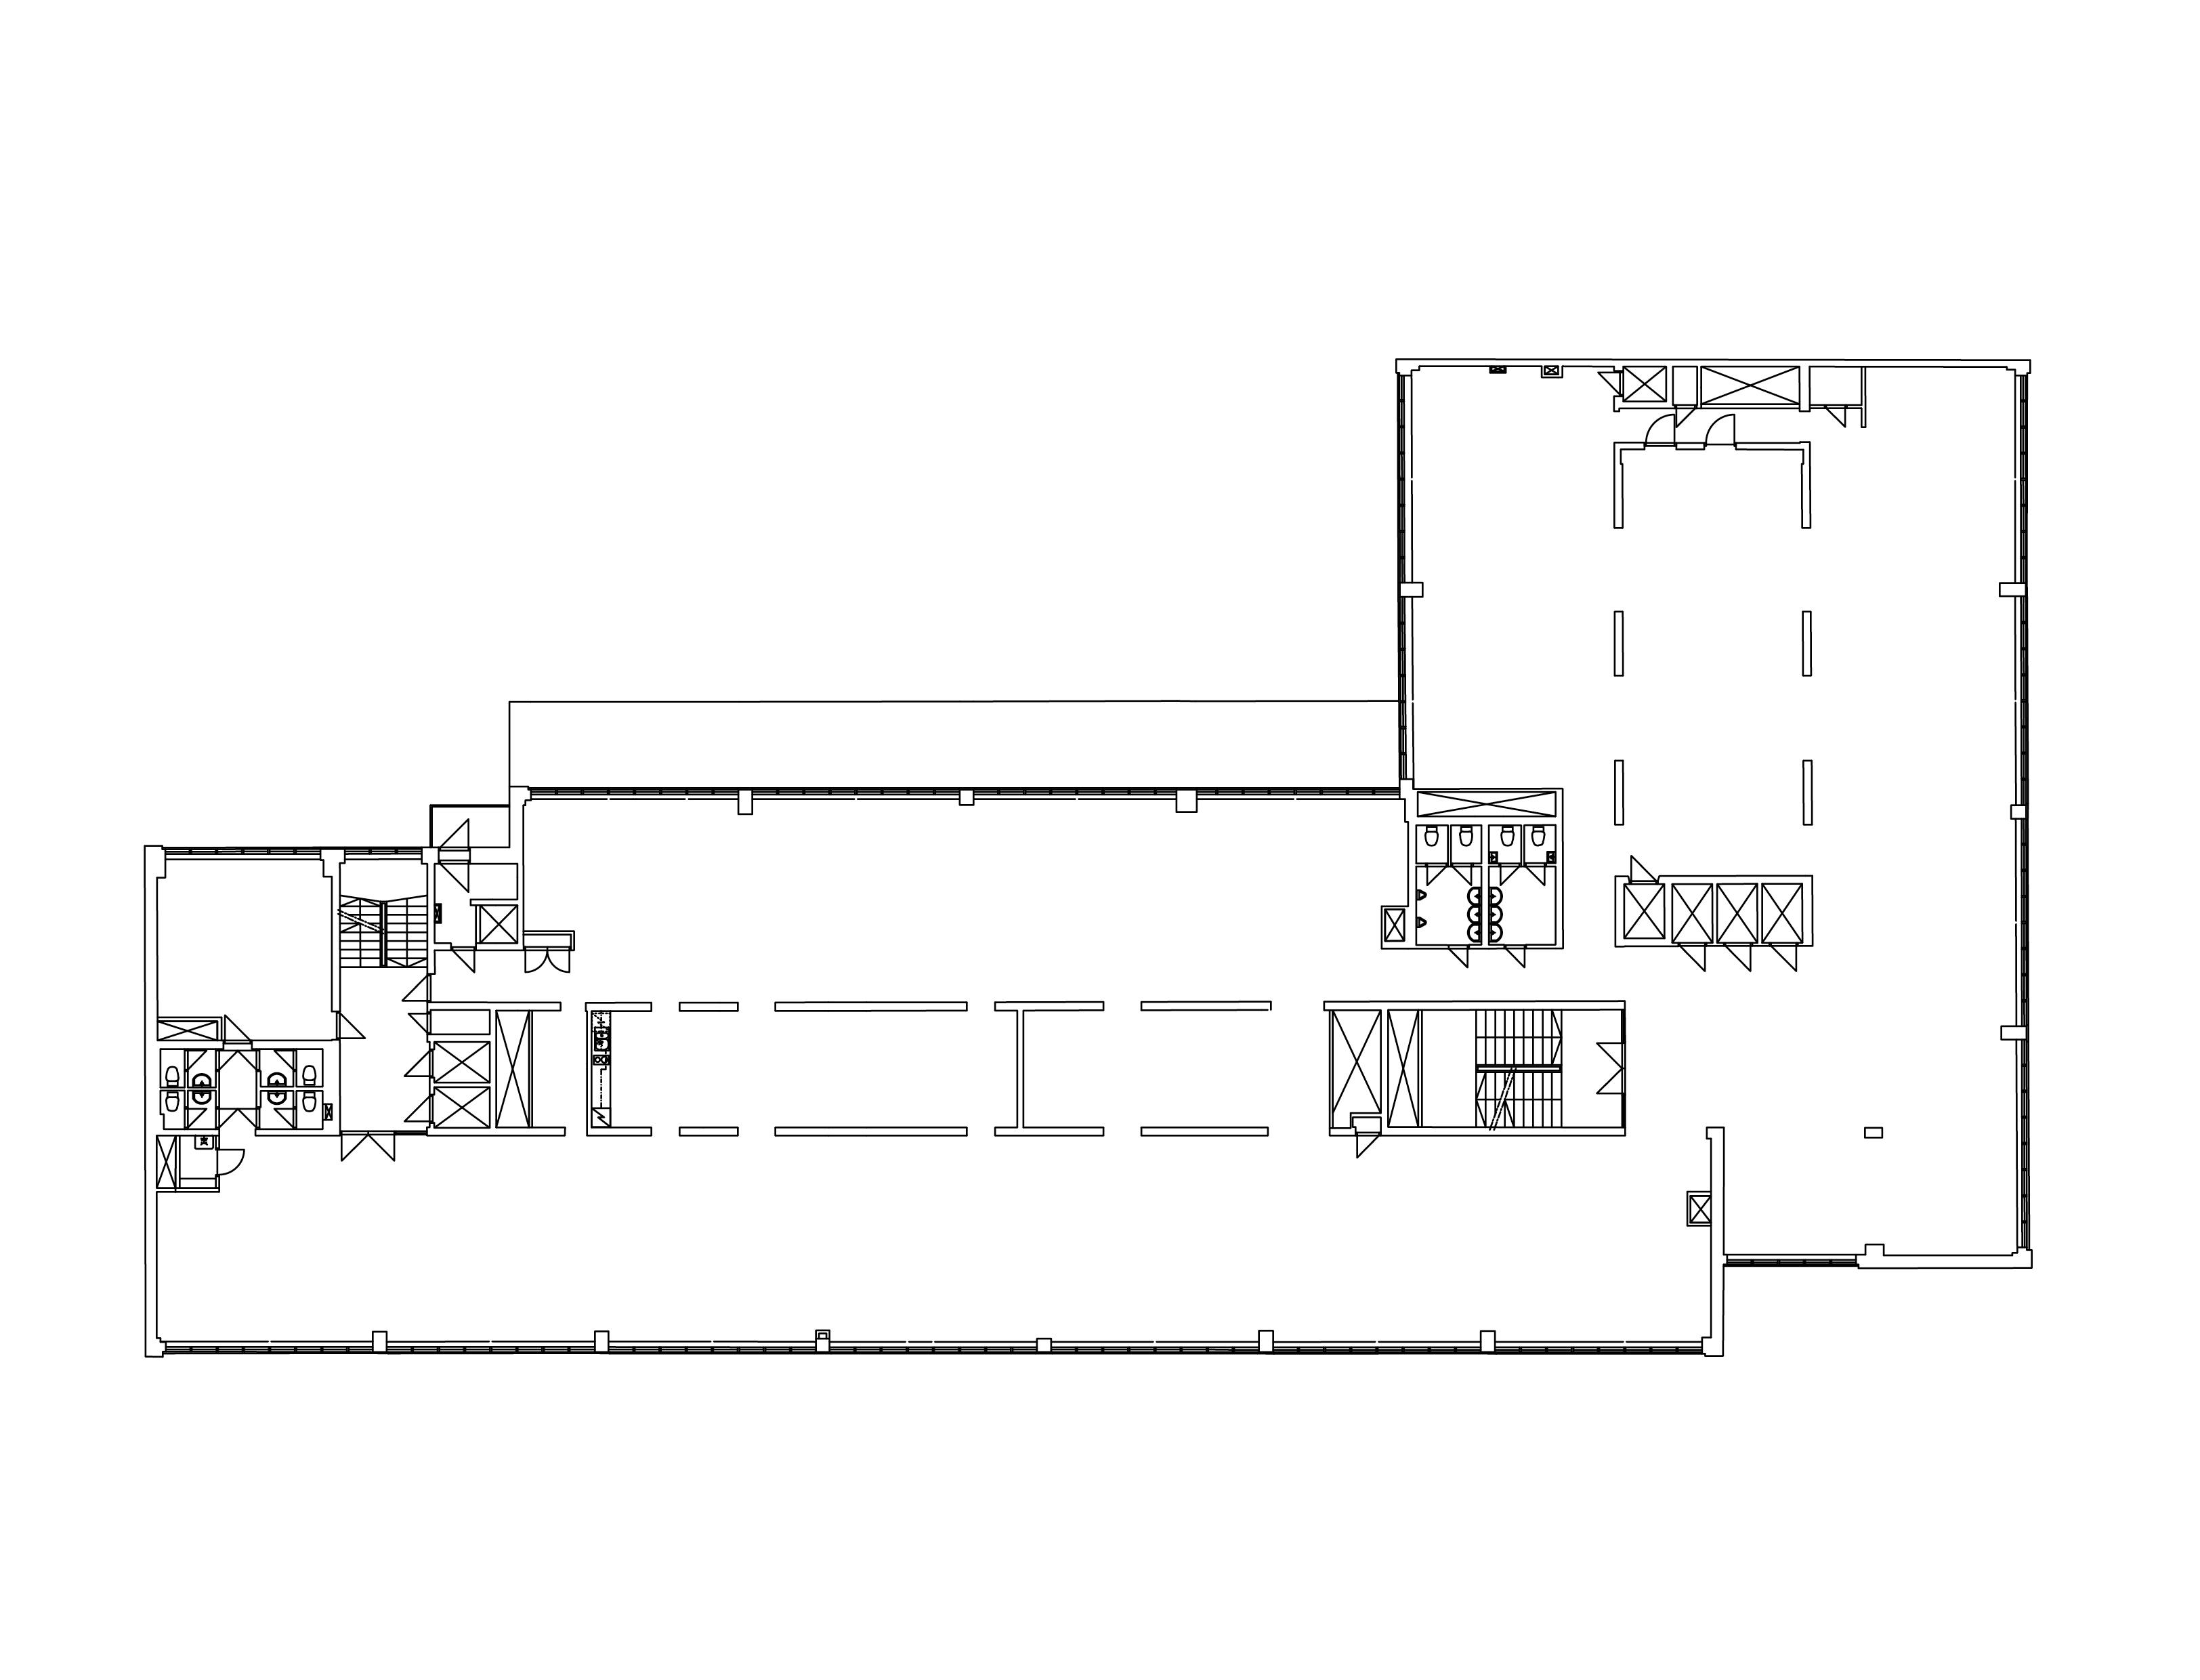 Bulevardi 21 pohjakuva. Pinta-alat tullaan tarkistusmittaamaan vuokrauksen yhteydessä